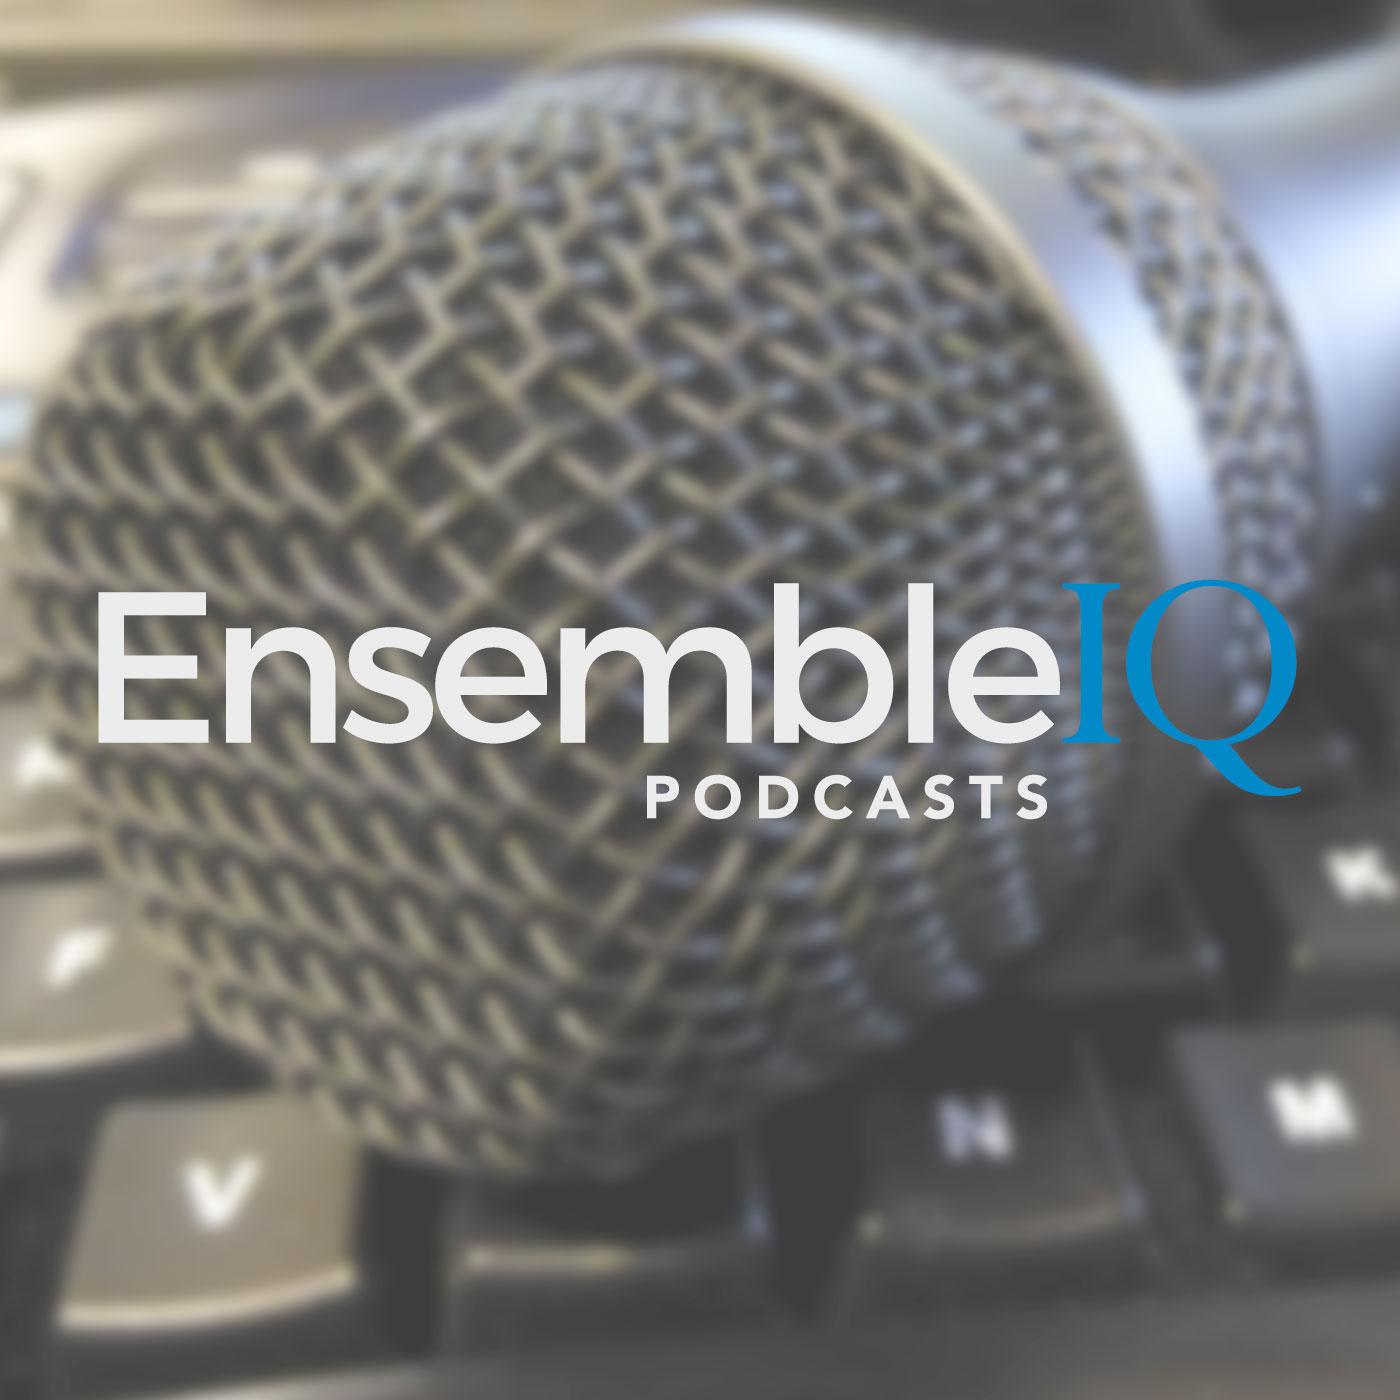 EnsembleIQ Podcasts show art